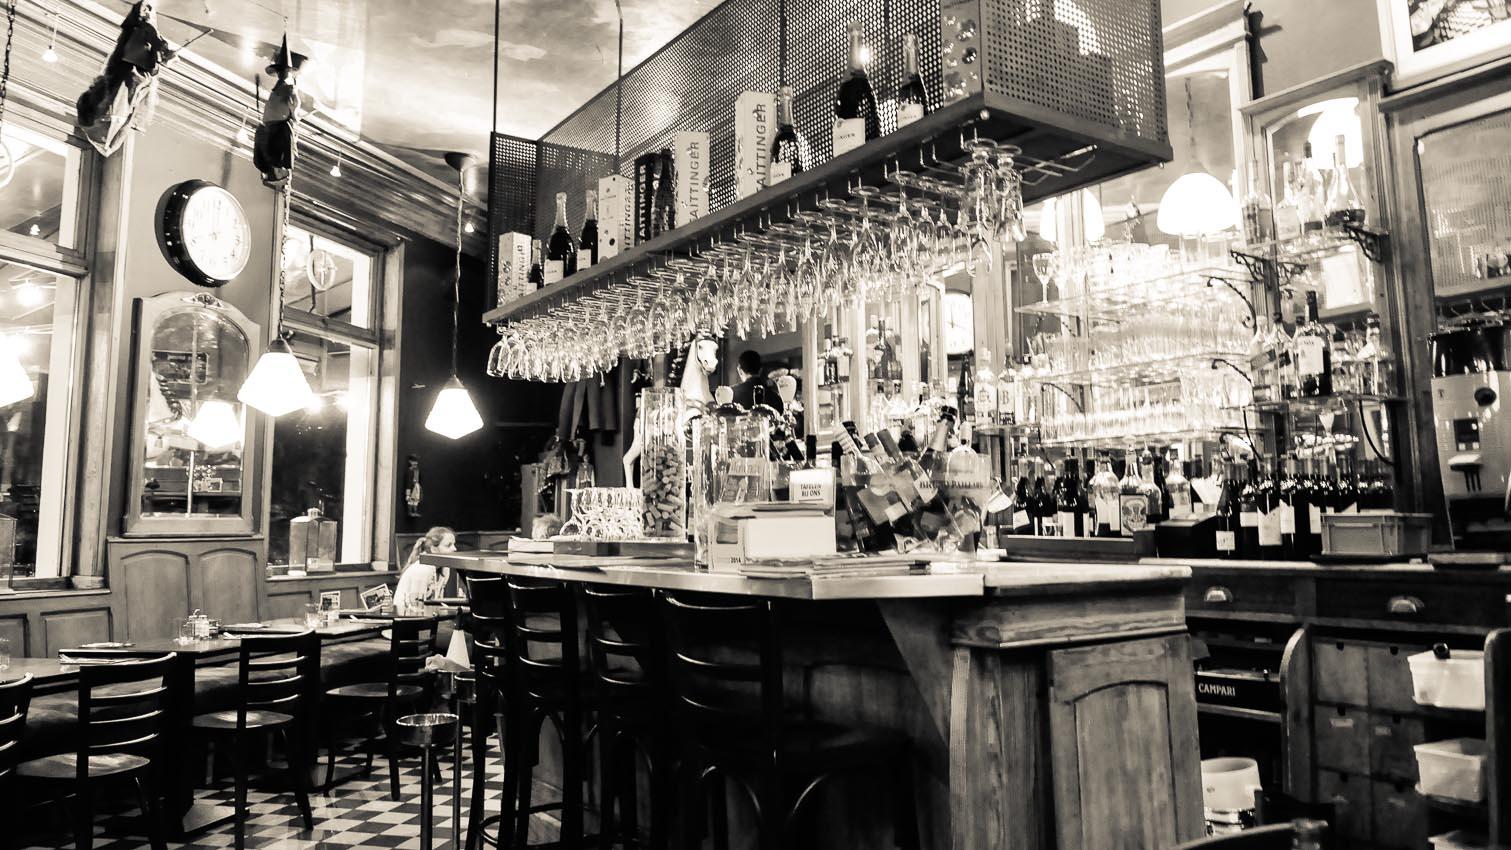 18-cafe-bar-resto-nightclub-decors-film-cinema-photo-belgium-bruxelles